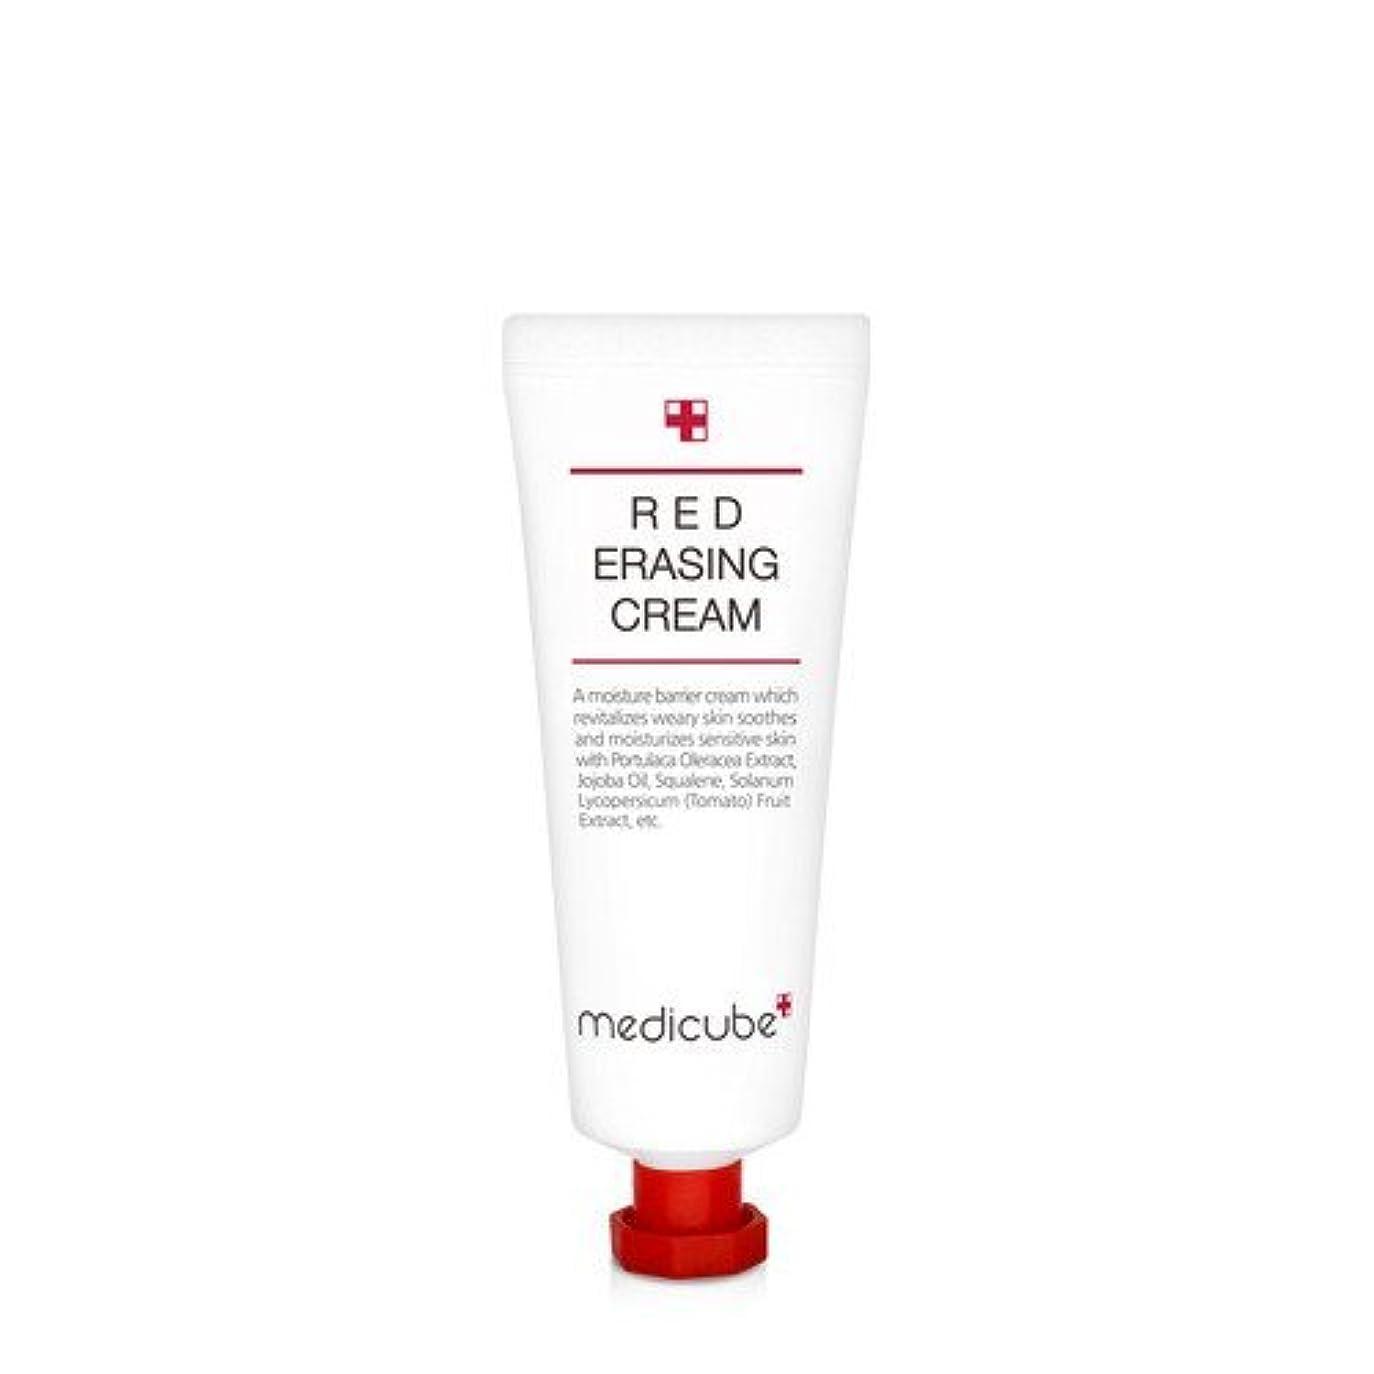 ムスタチオ警告するご飯[Medicube]Red Erasing Cream 50g / メディキューブレッドイレイジングクリーム / 正品?海外直送商品 [並行輸入品]